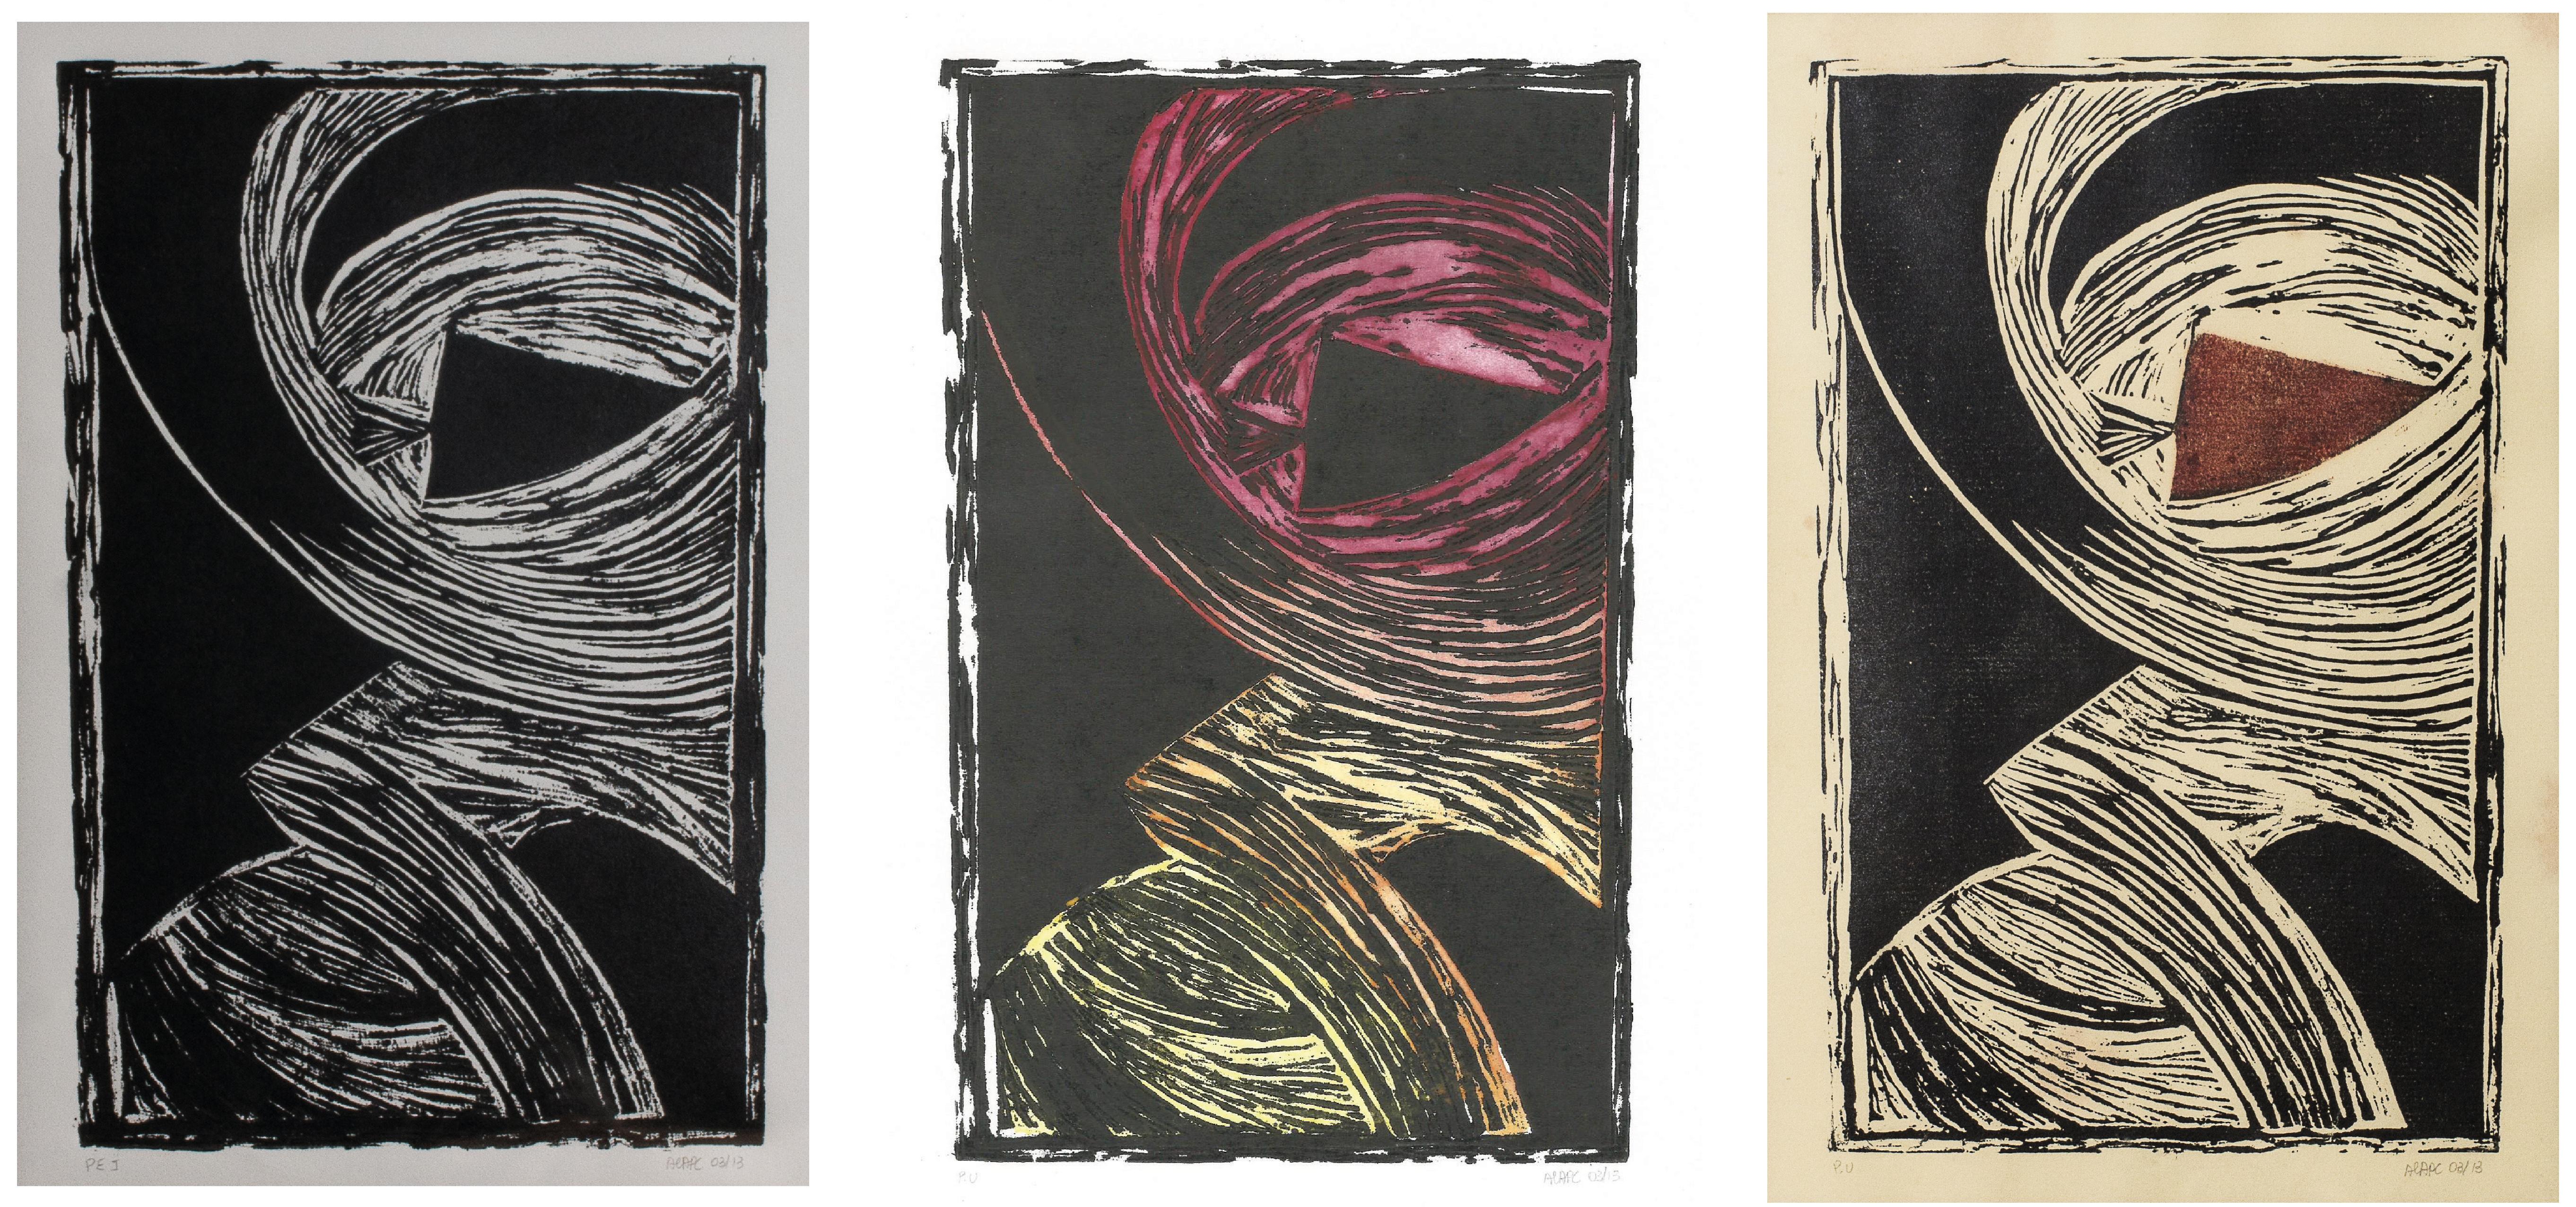 Tríade Abstractum II